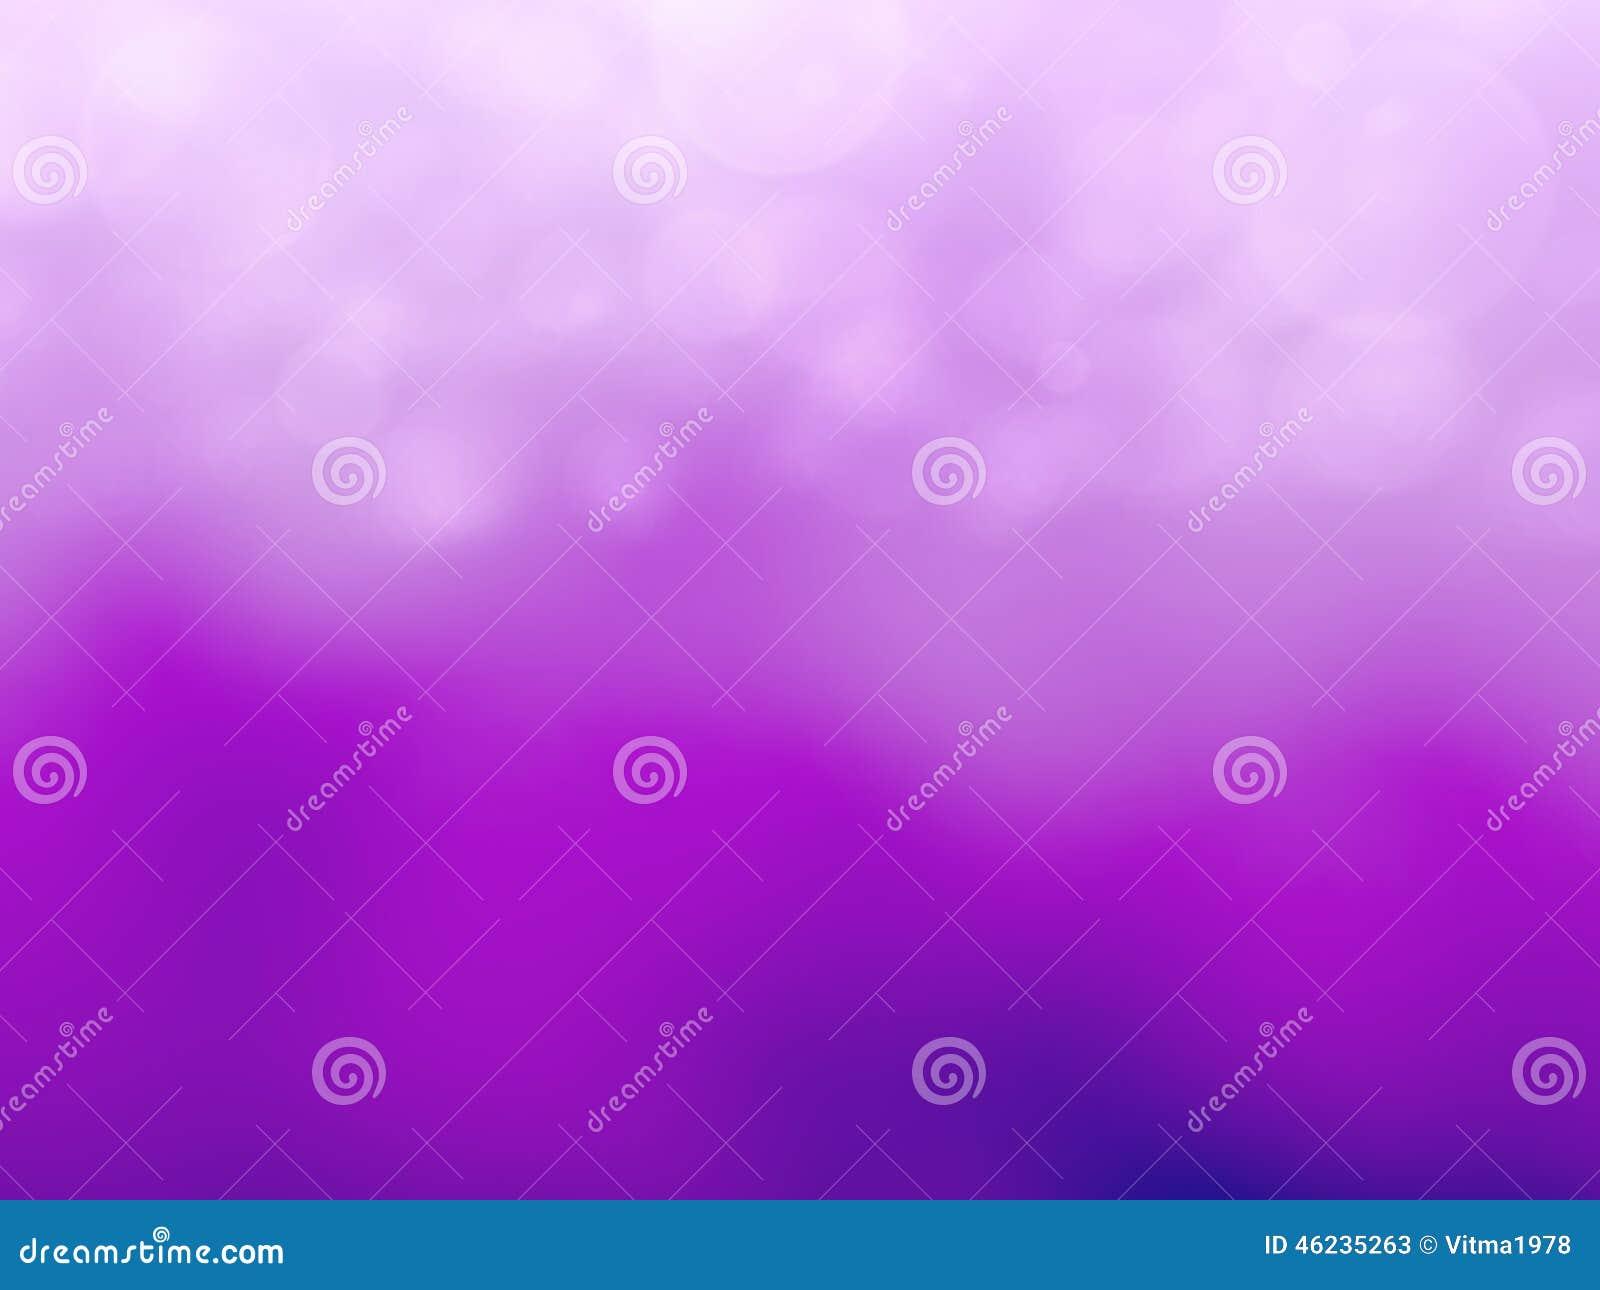 elegant purple backgrounds - photo #18